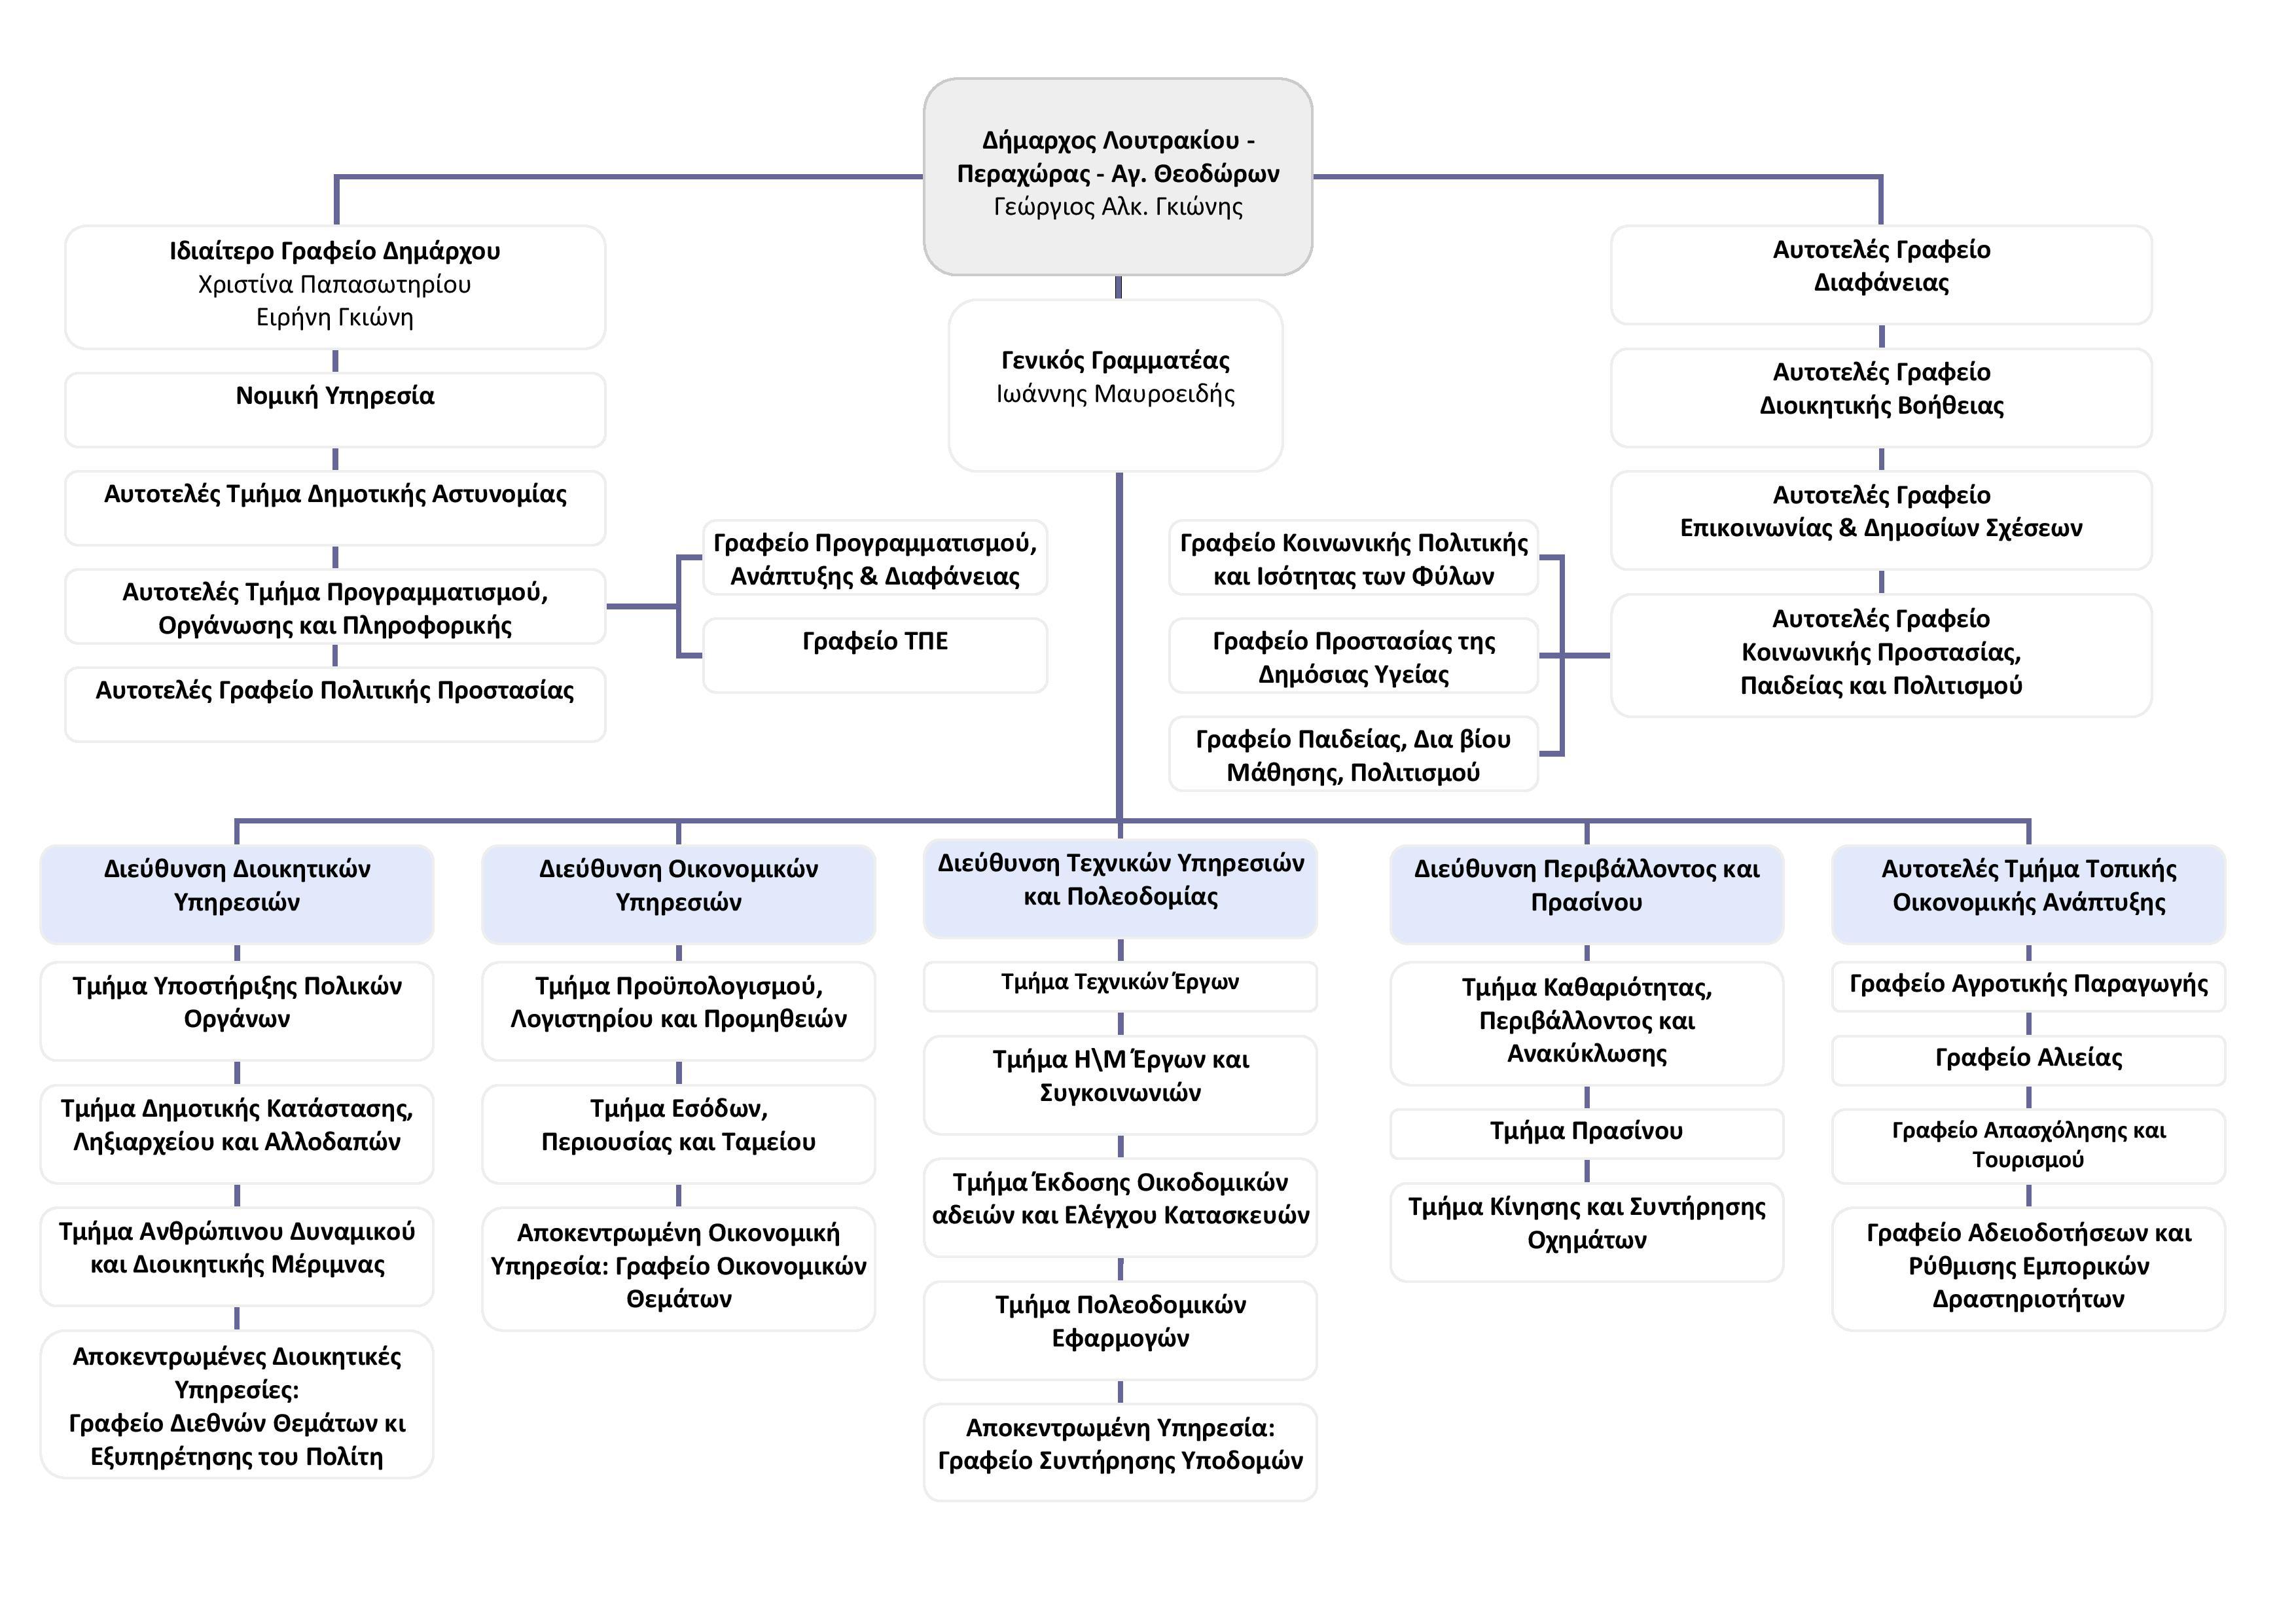 Οργανόγραμμα Δήμου